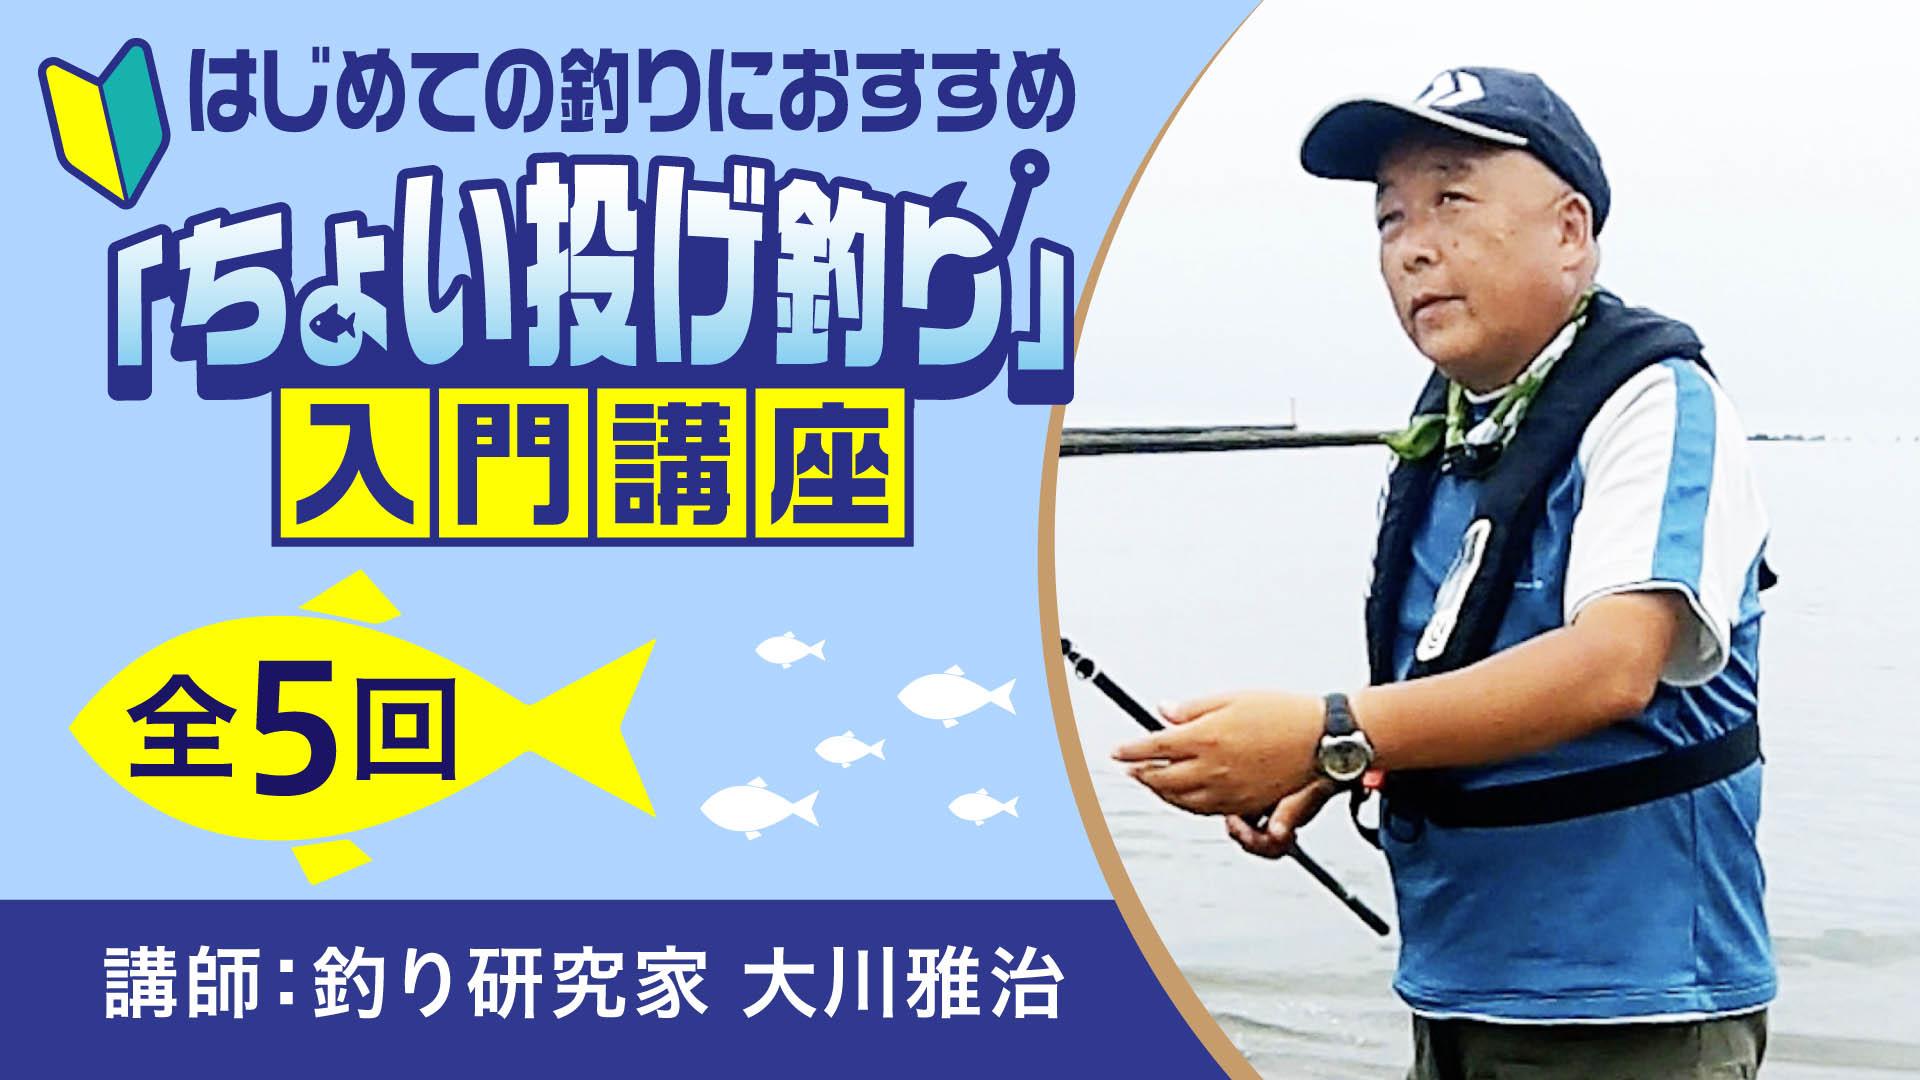 【釣り】はじめての釣りにおすすめ ちょい投げ釣り入門講座